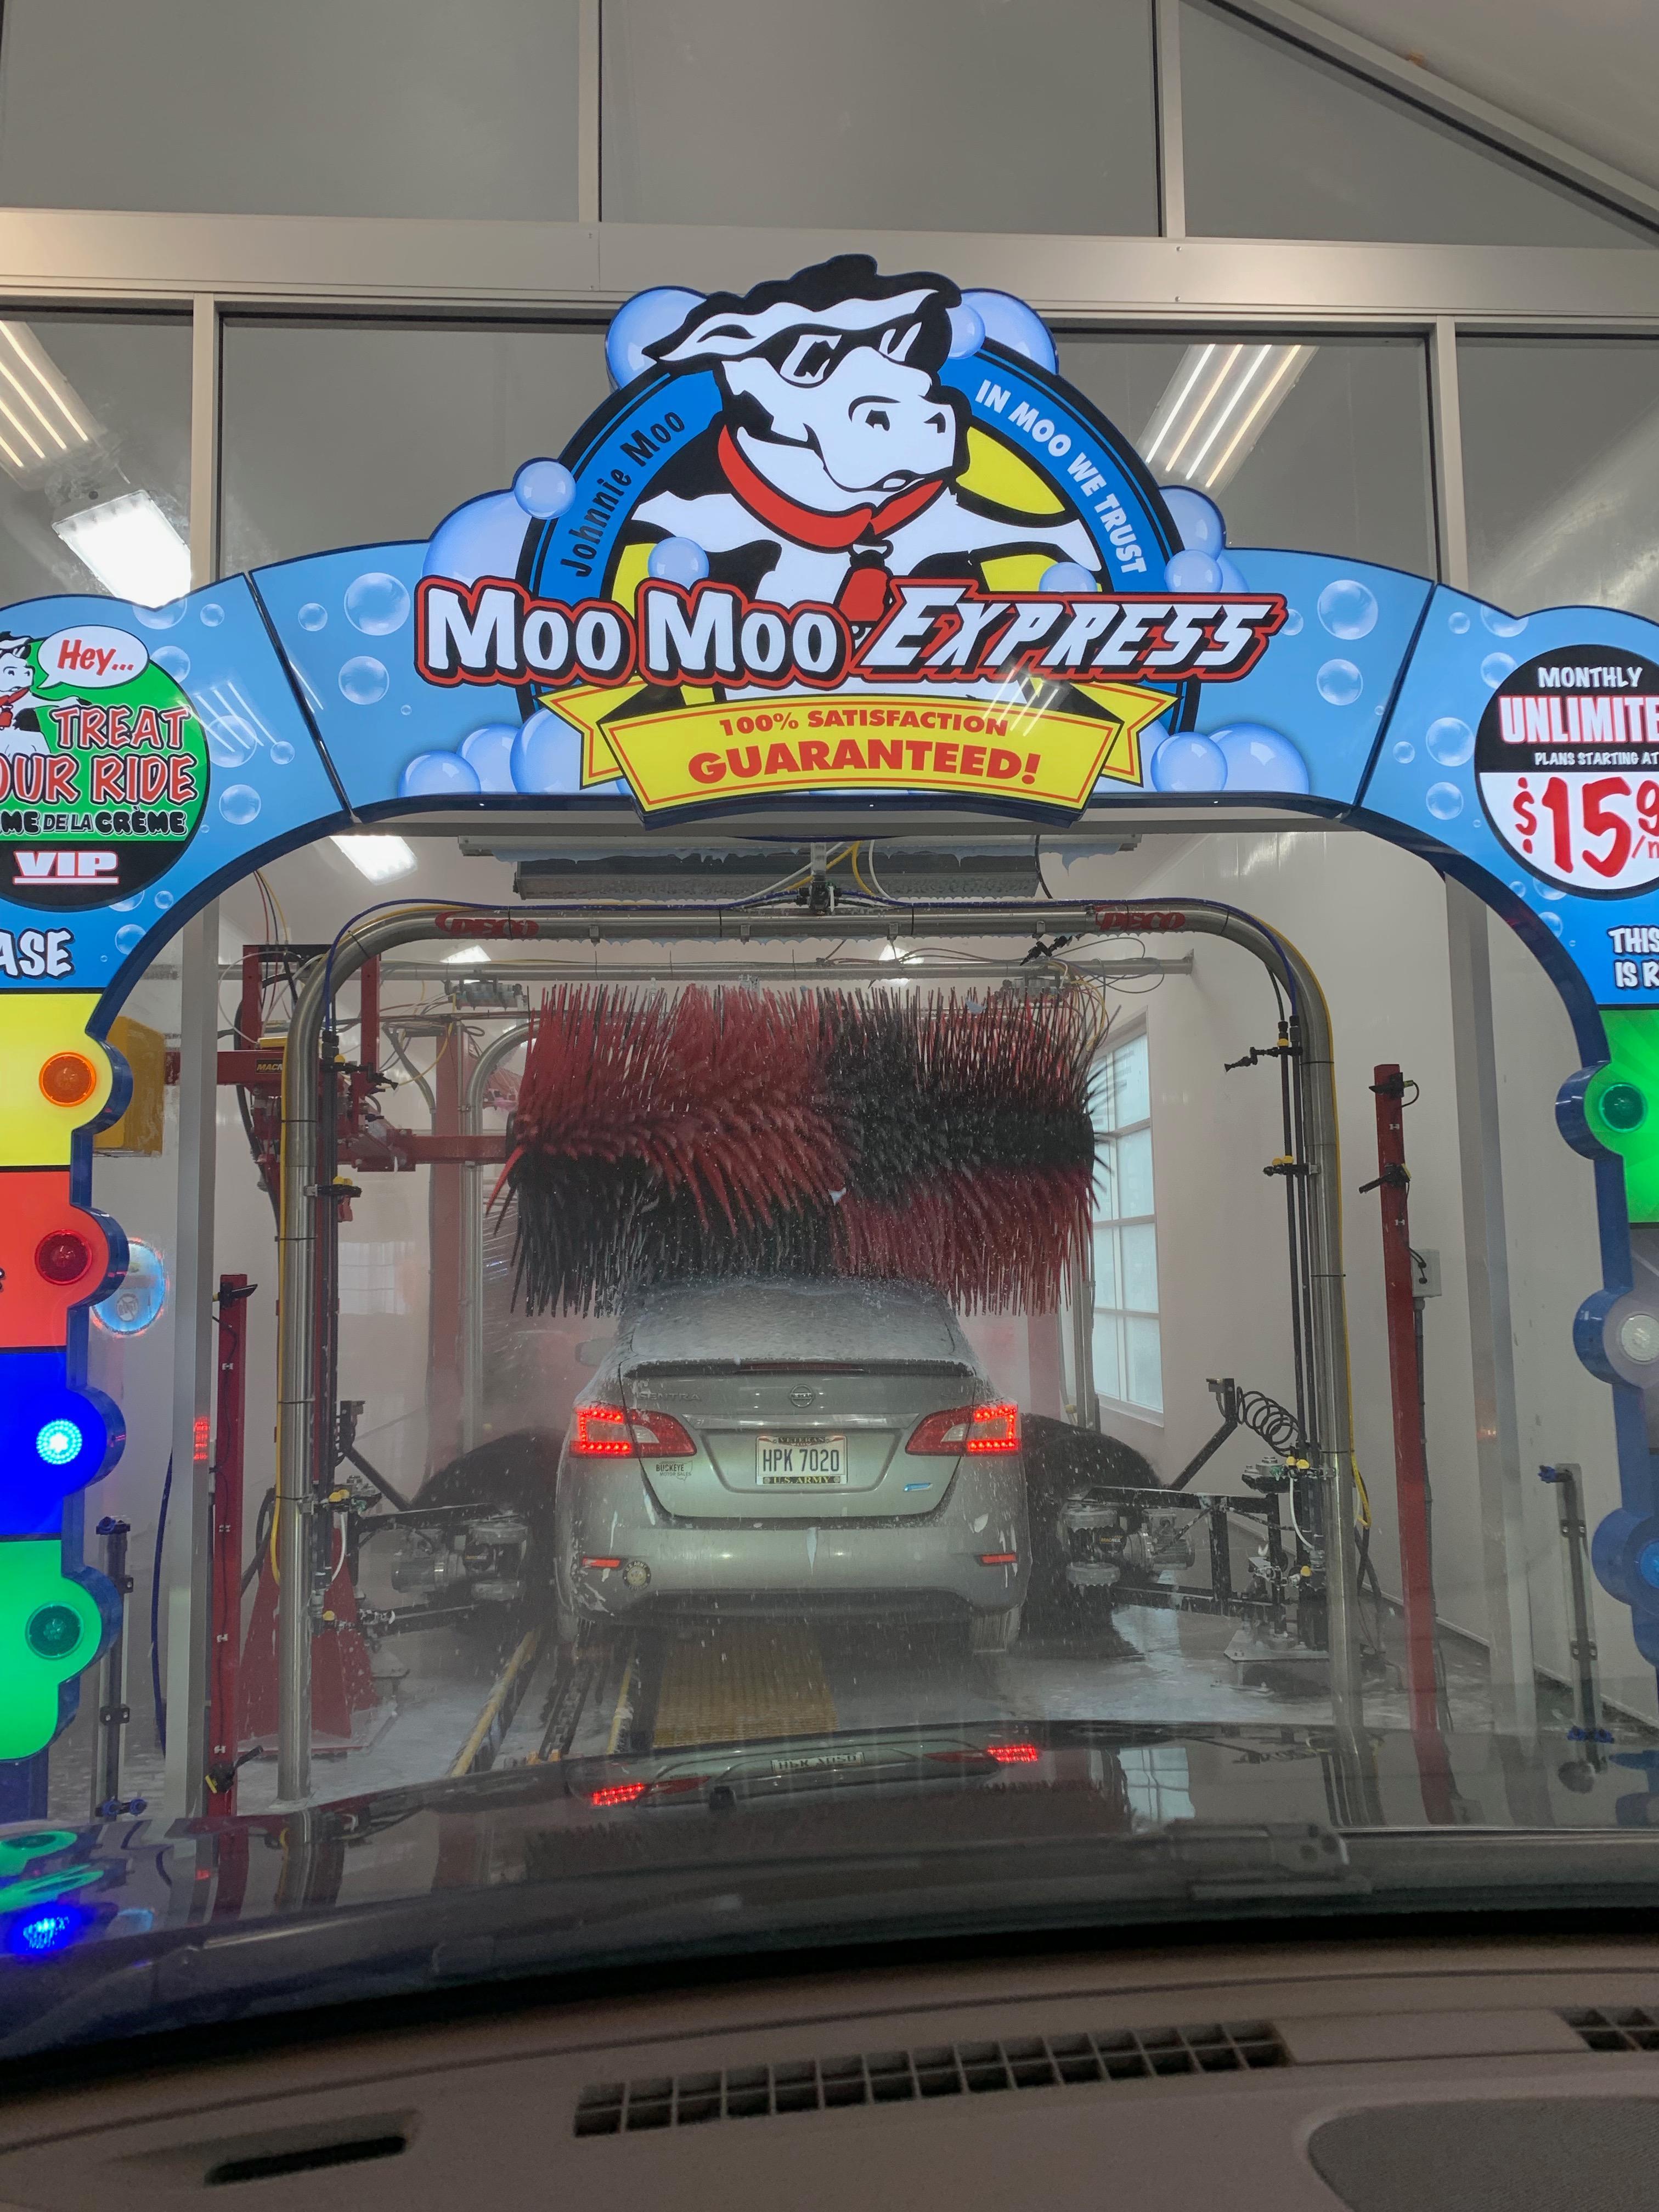 Moo Moo Express Car Wash (Northland)